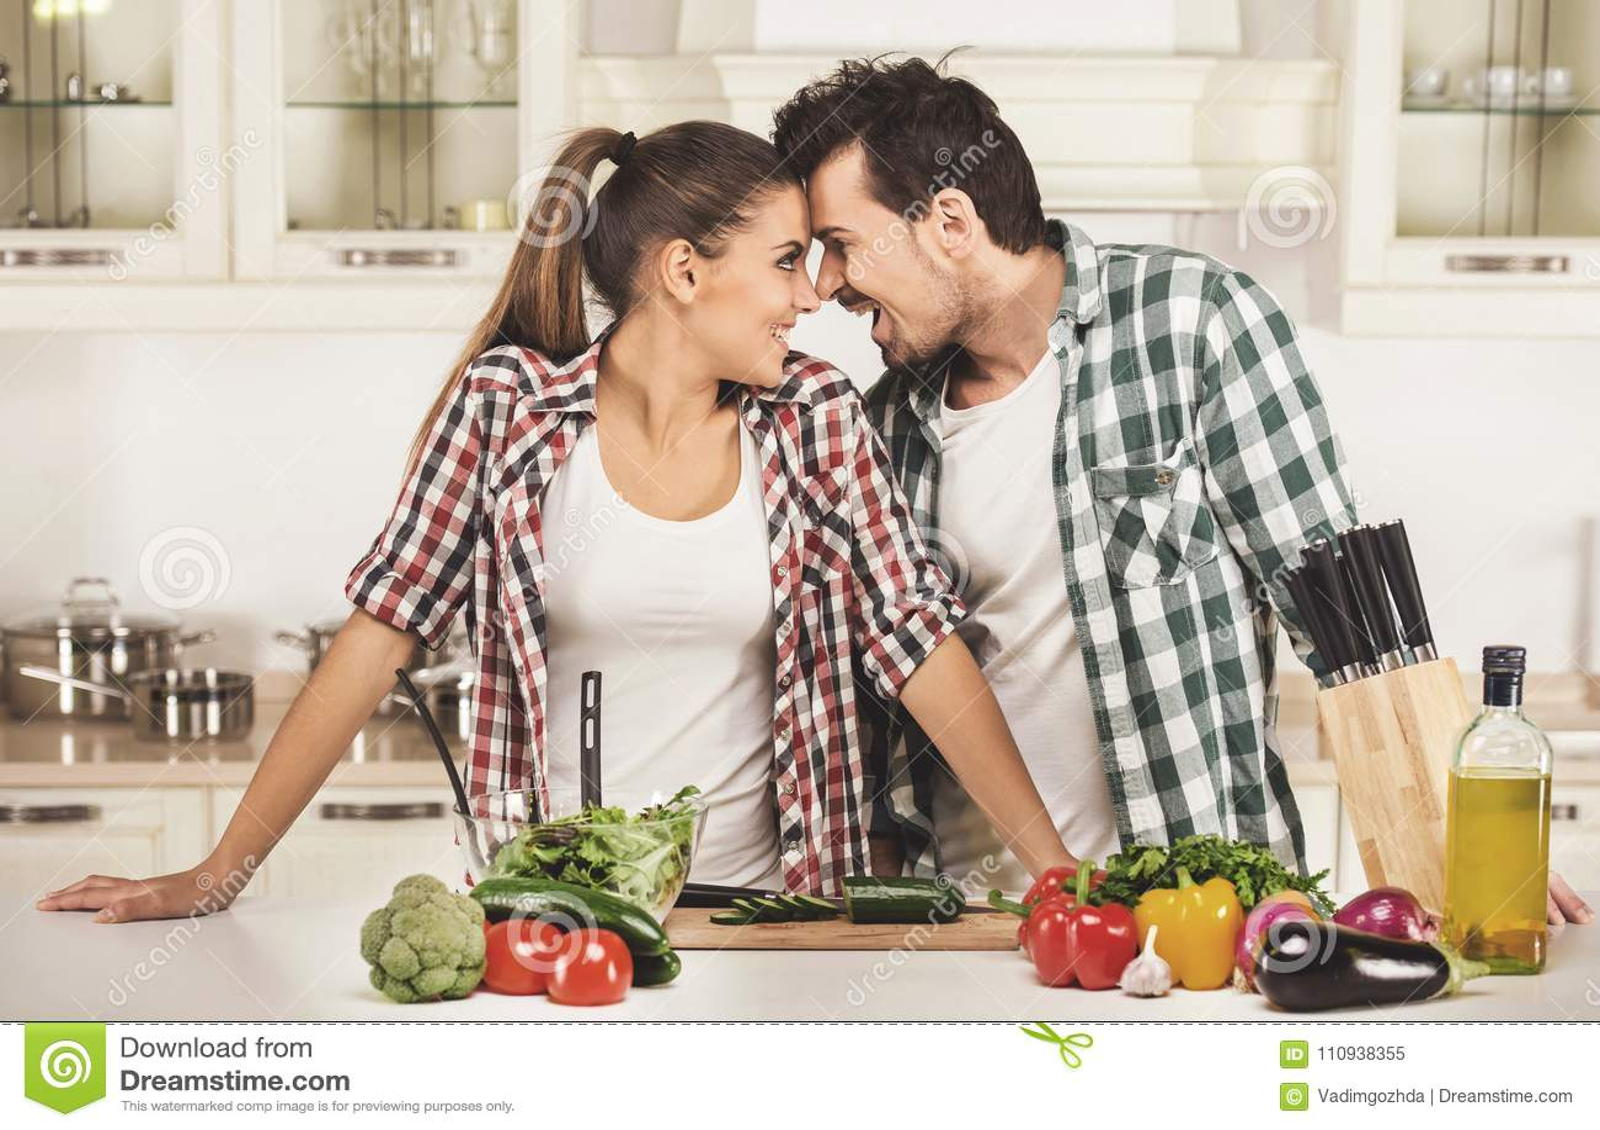 Mooi jong paar in de keuken terwijl het koken